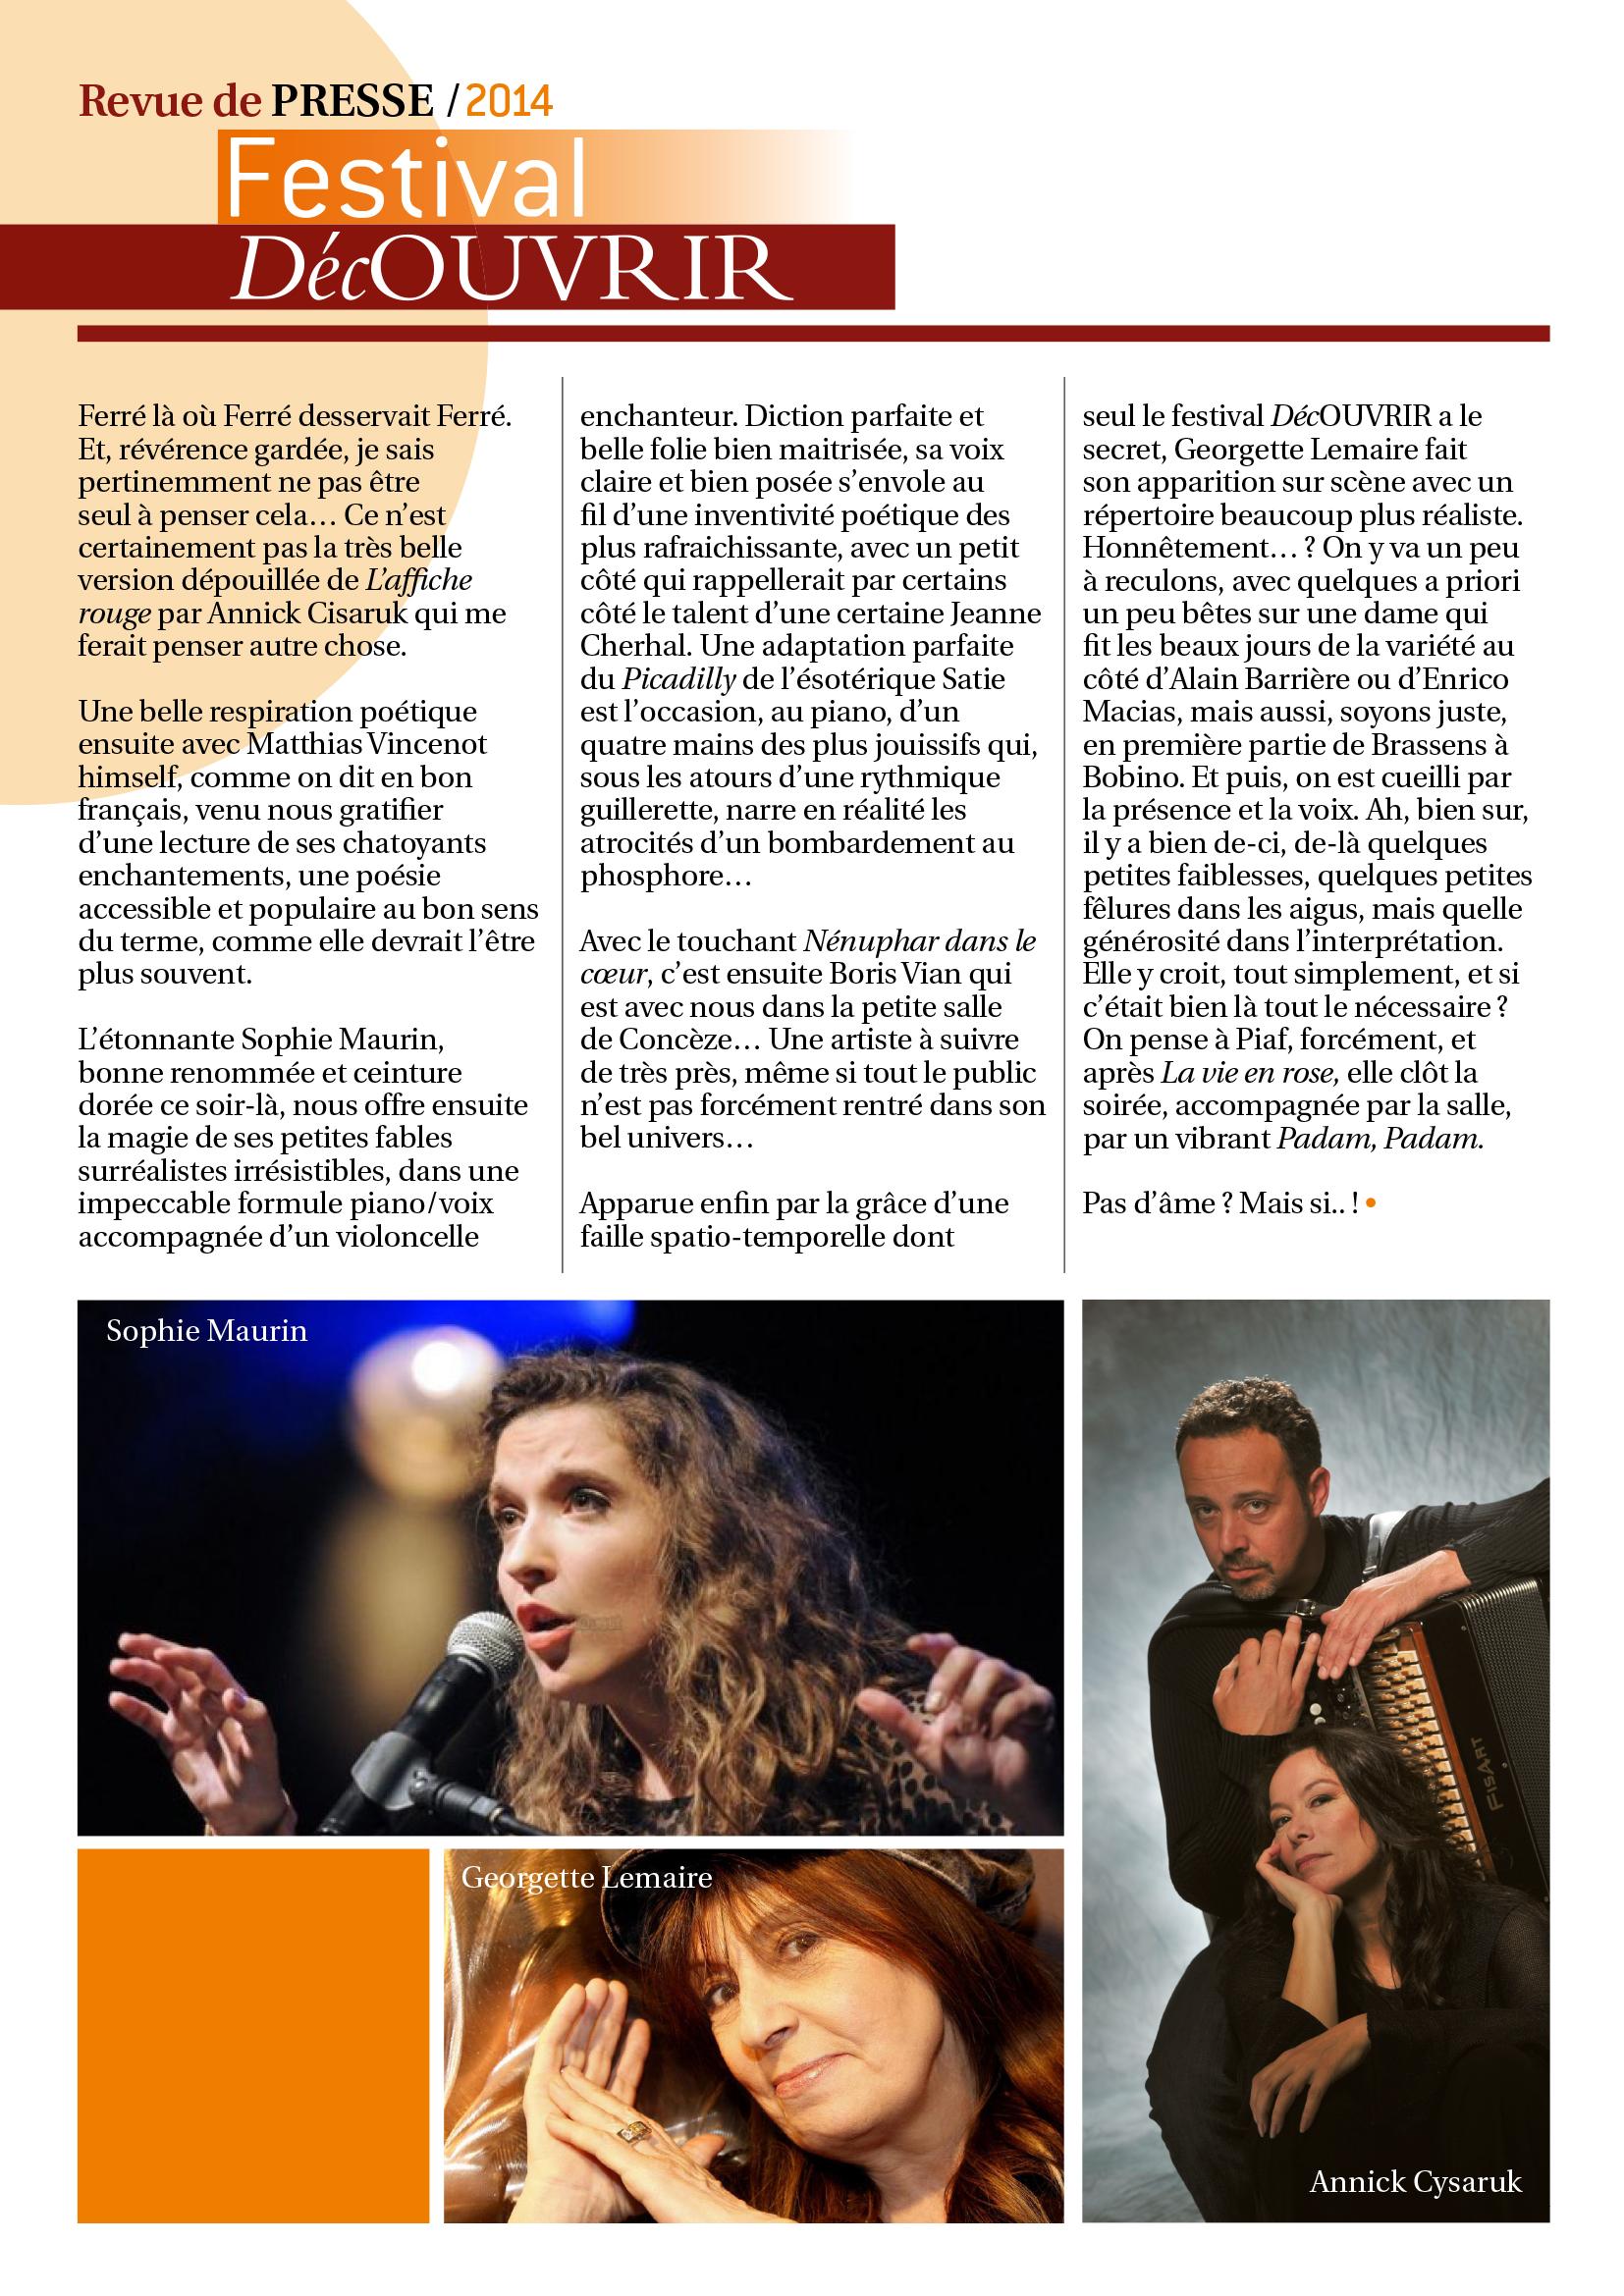 Revue de Presse FDC 2014-4